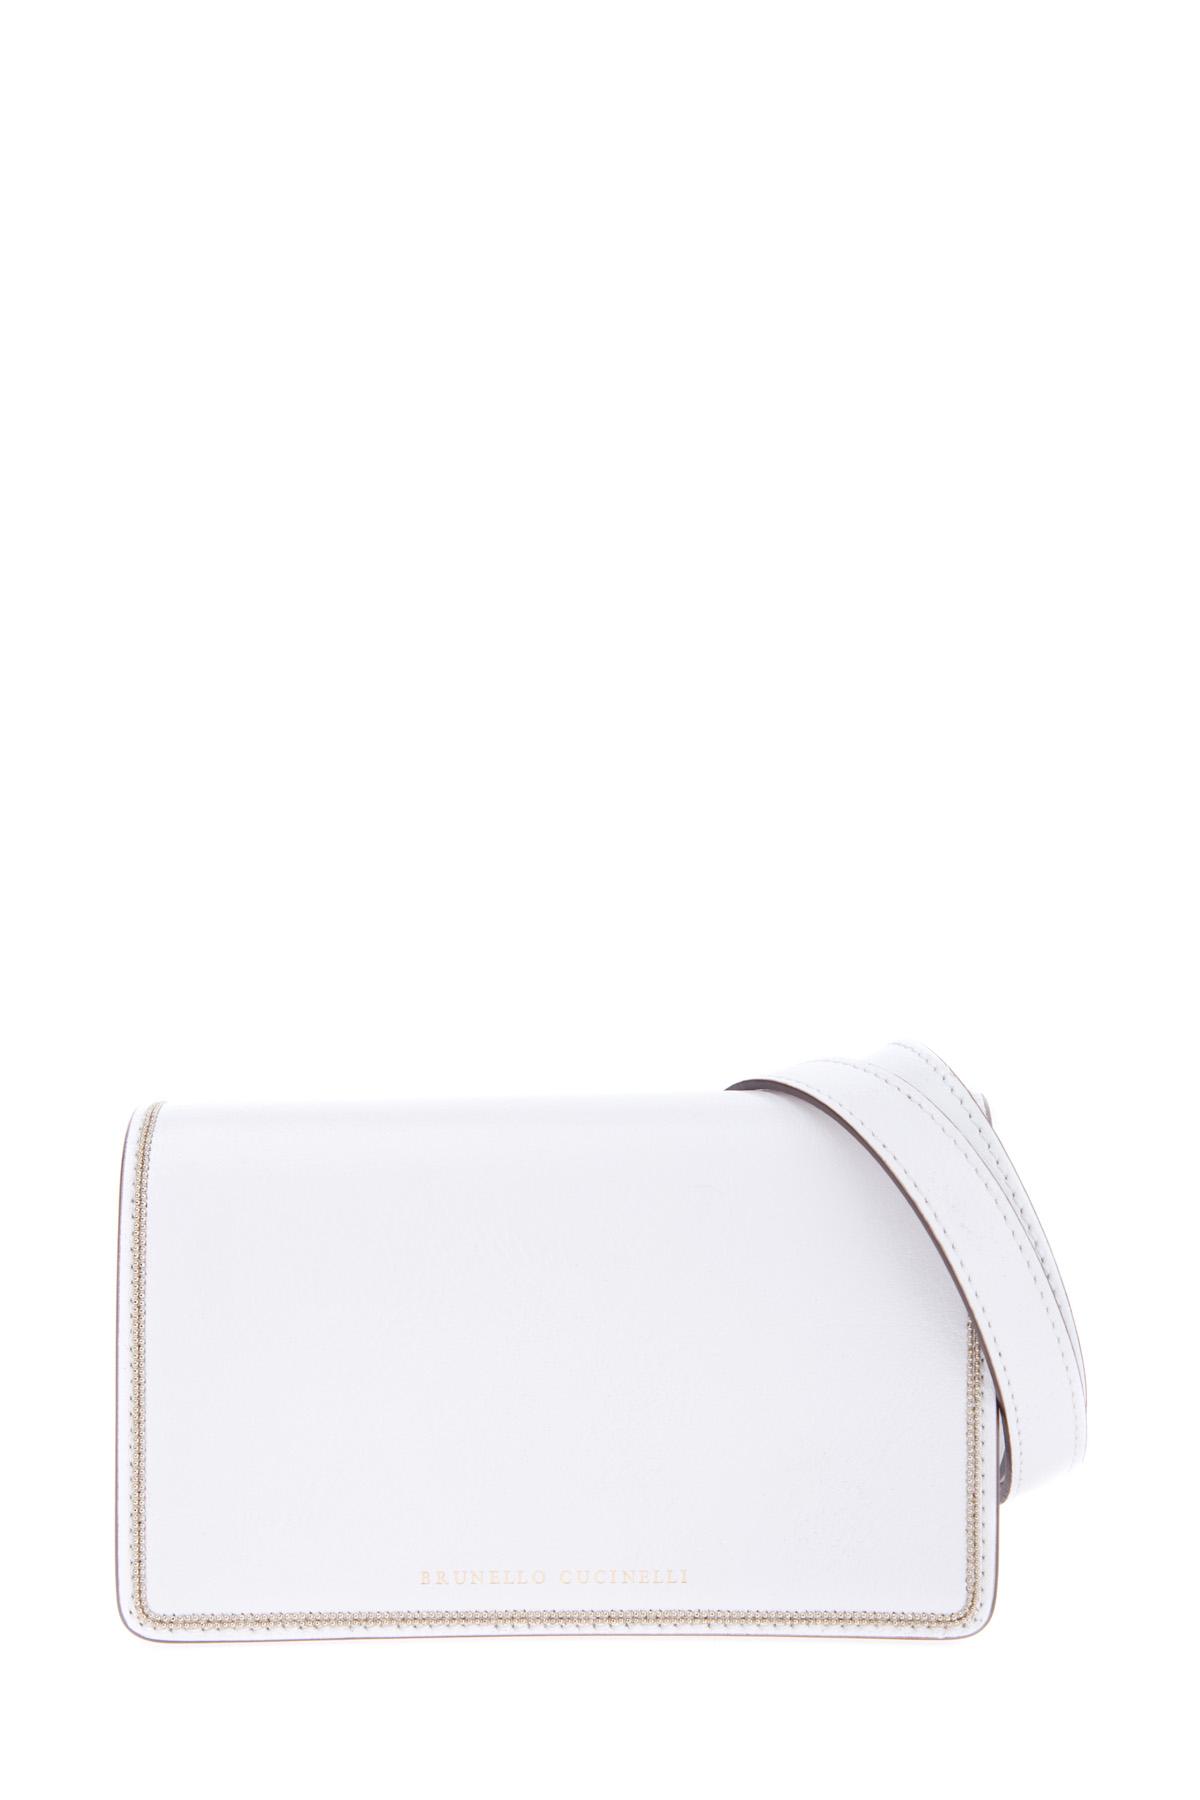 Купить Миниатюрная сумка для носки на плече или на поясе, BRUNELLO CUCINELLI, Италия, кожа 100%